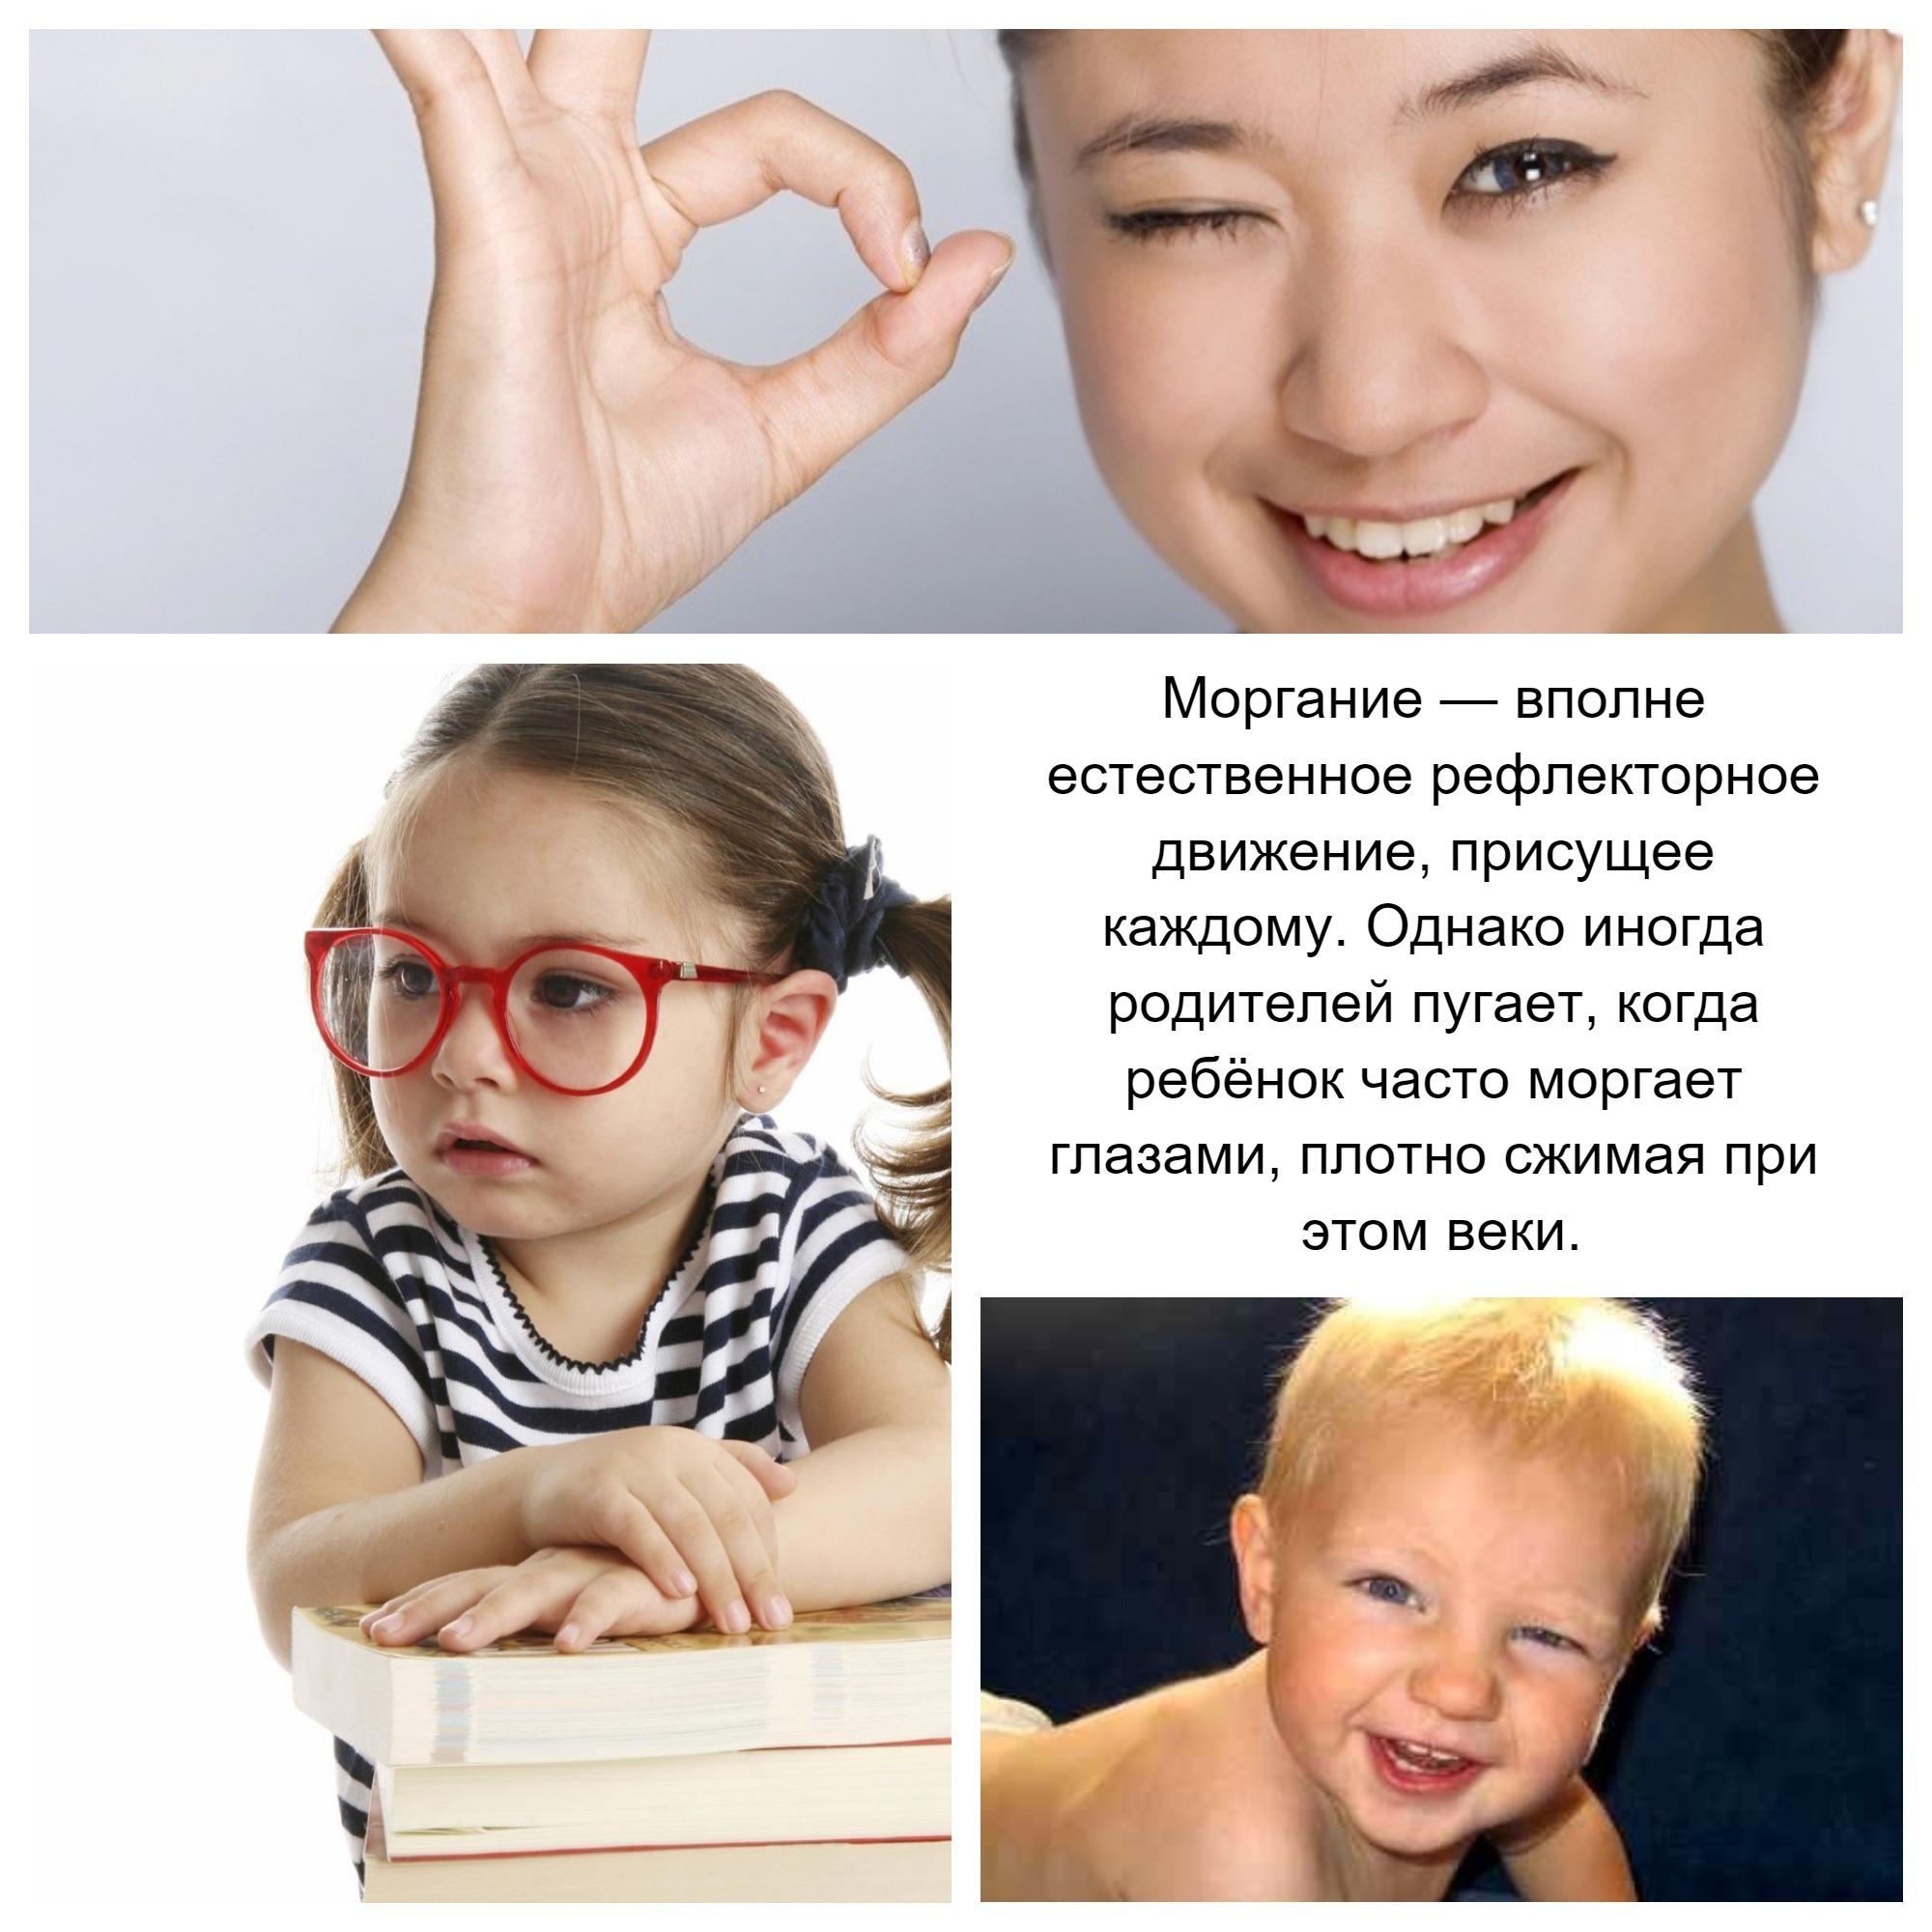 Ребенок часто моргает глазами – причины